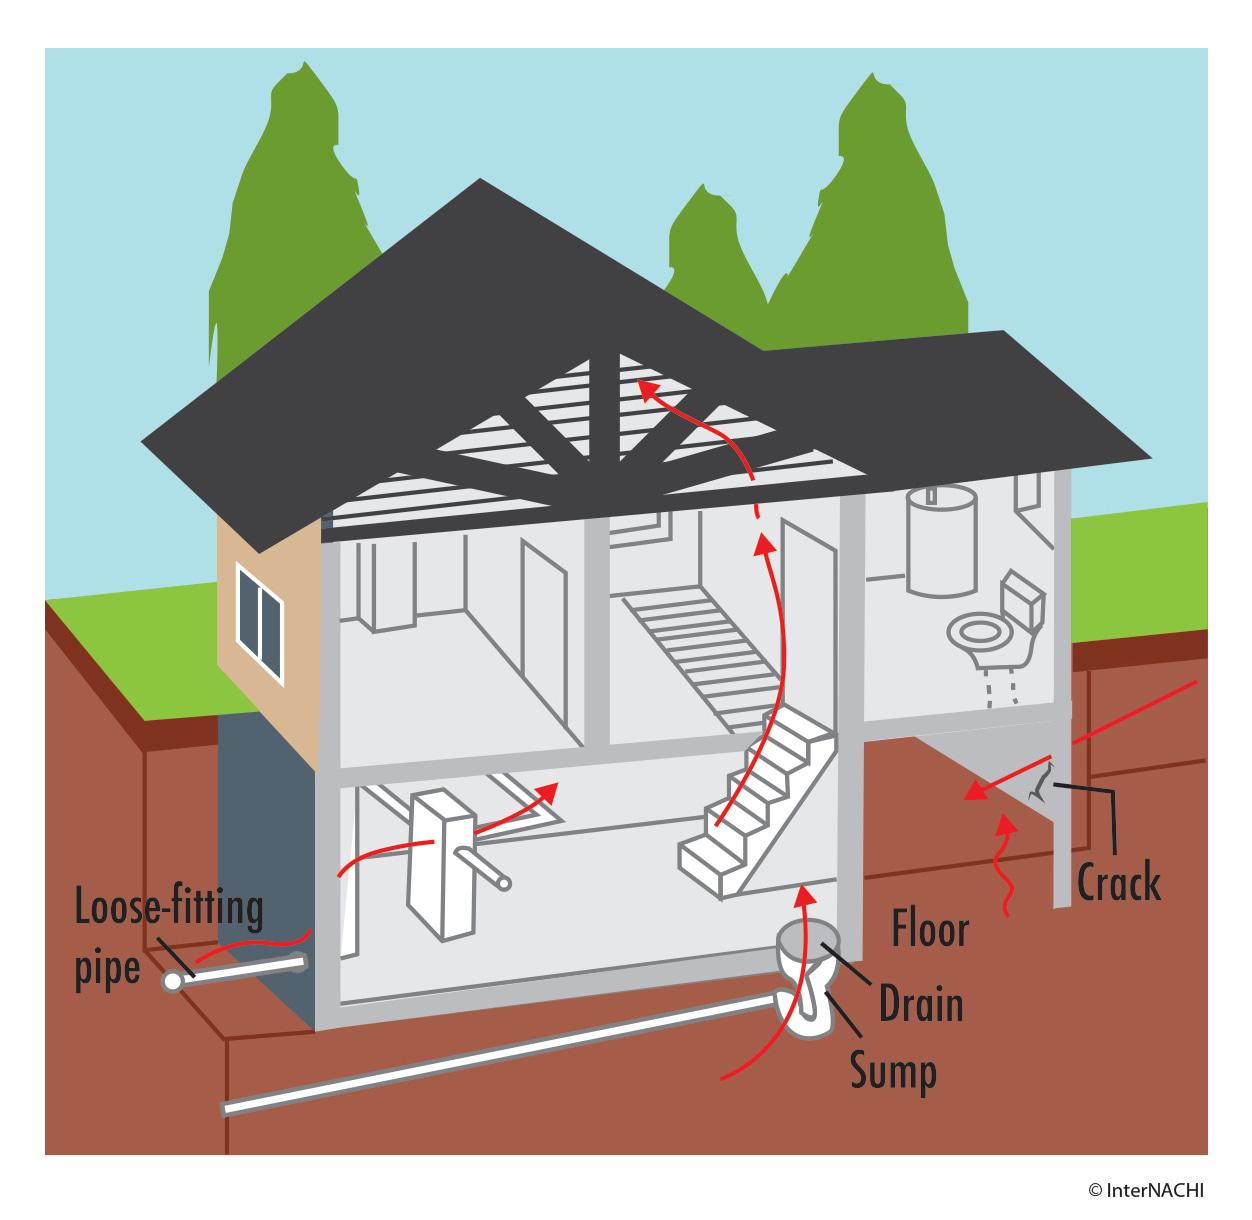 places radon can enter into the home